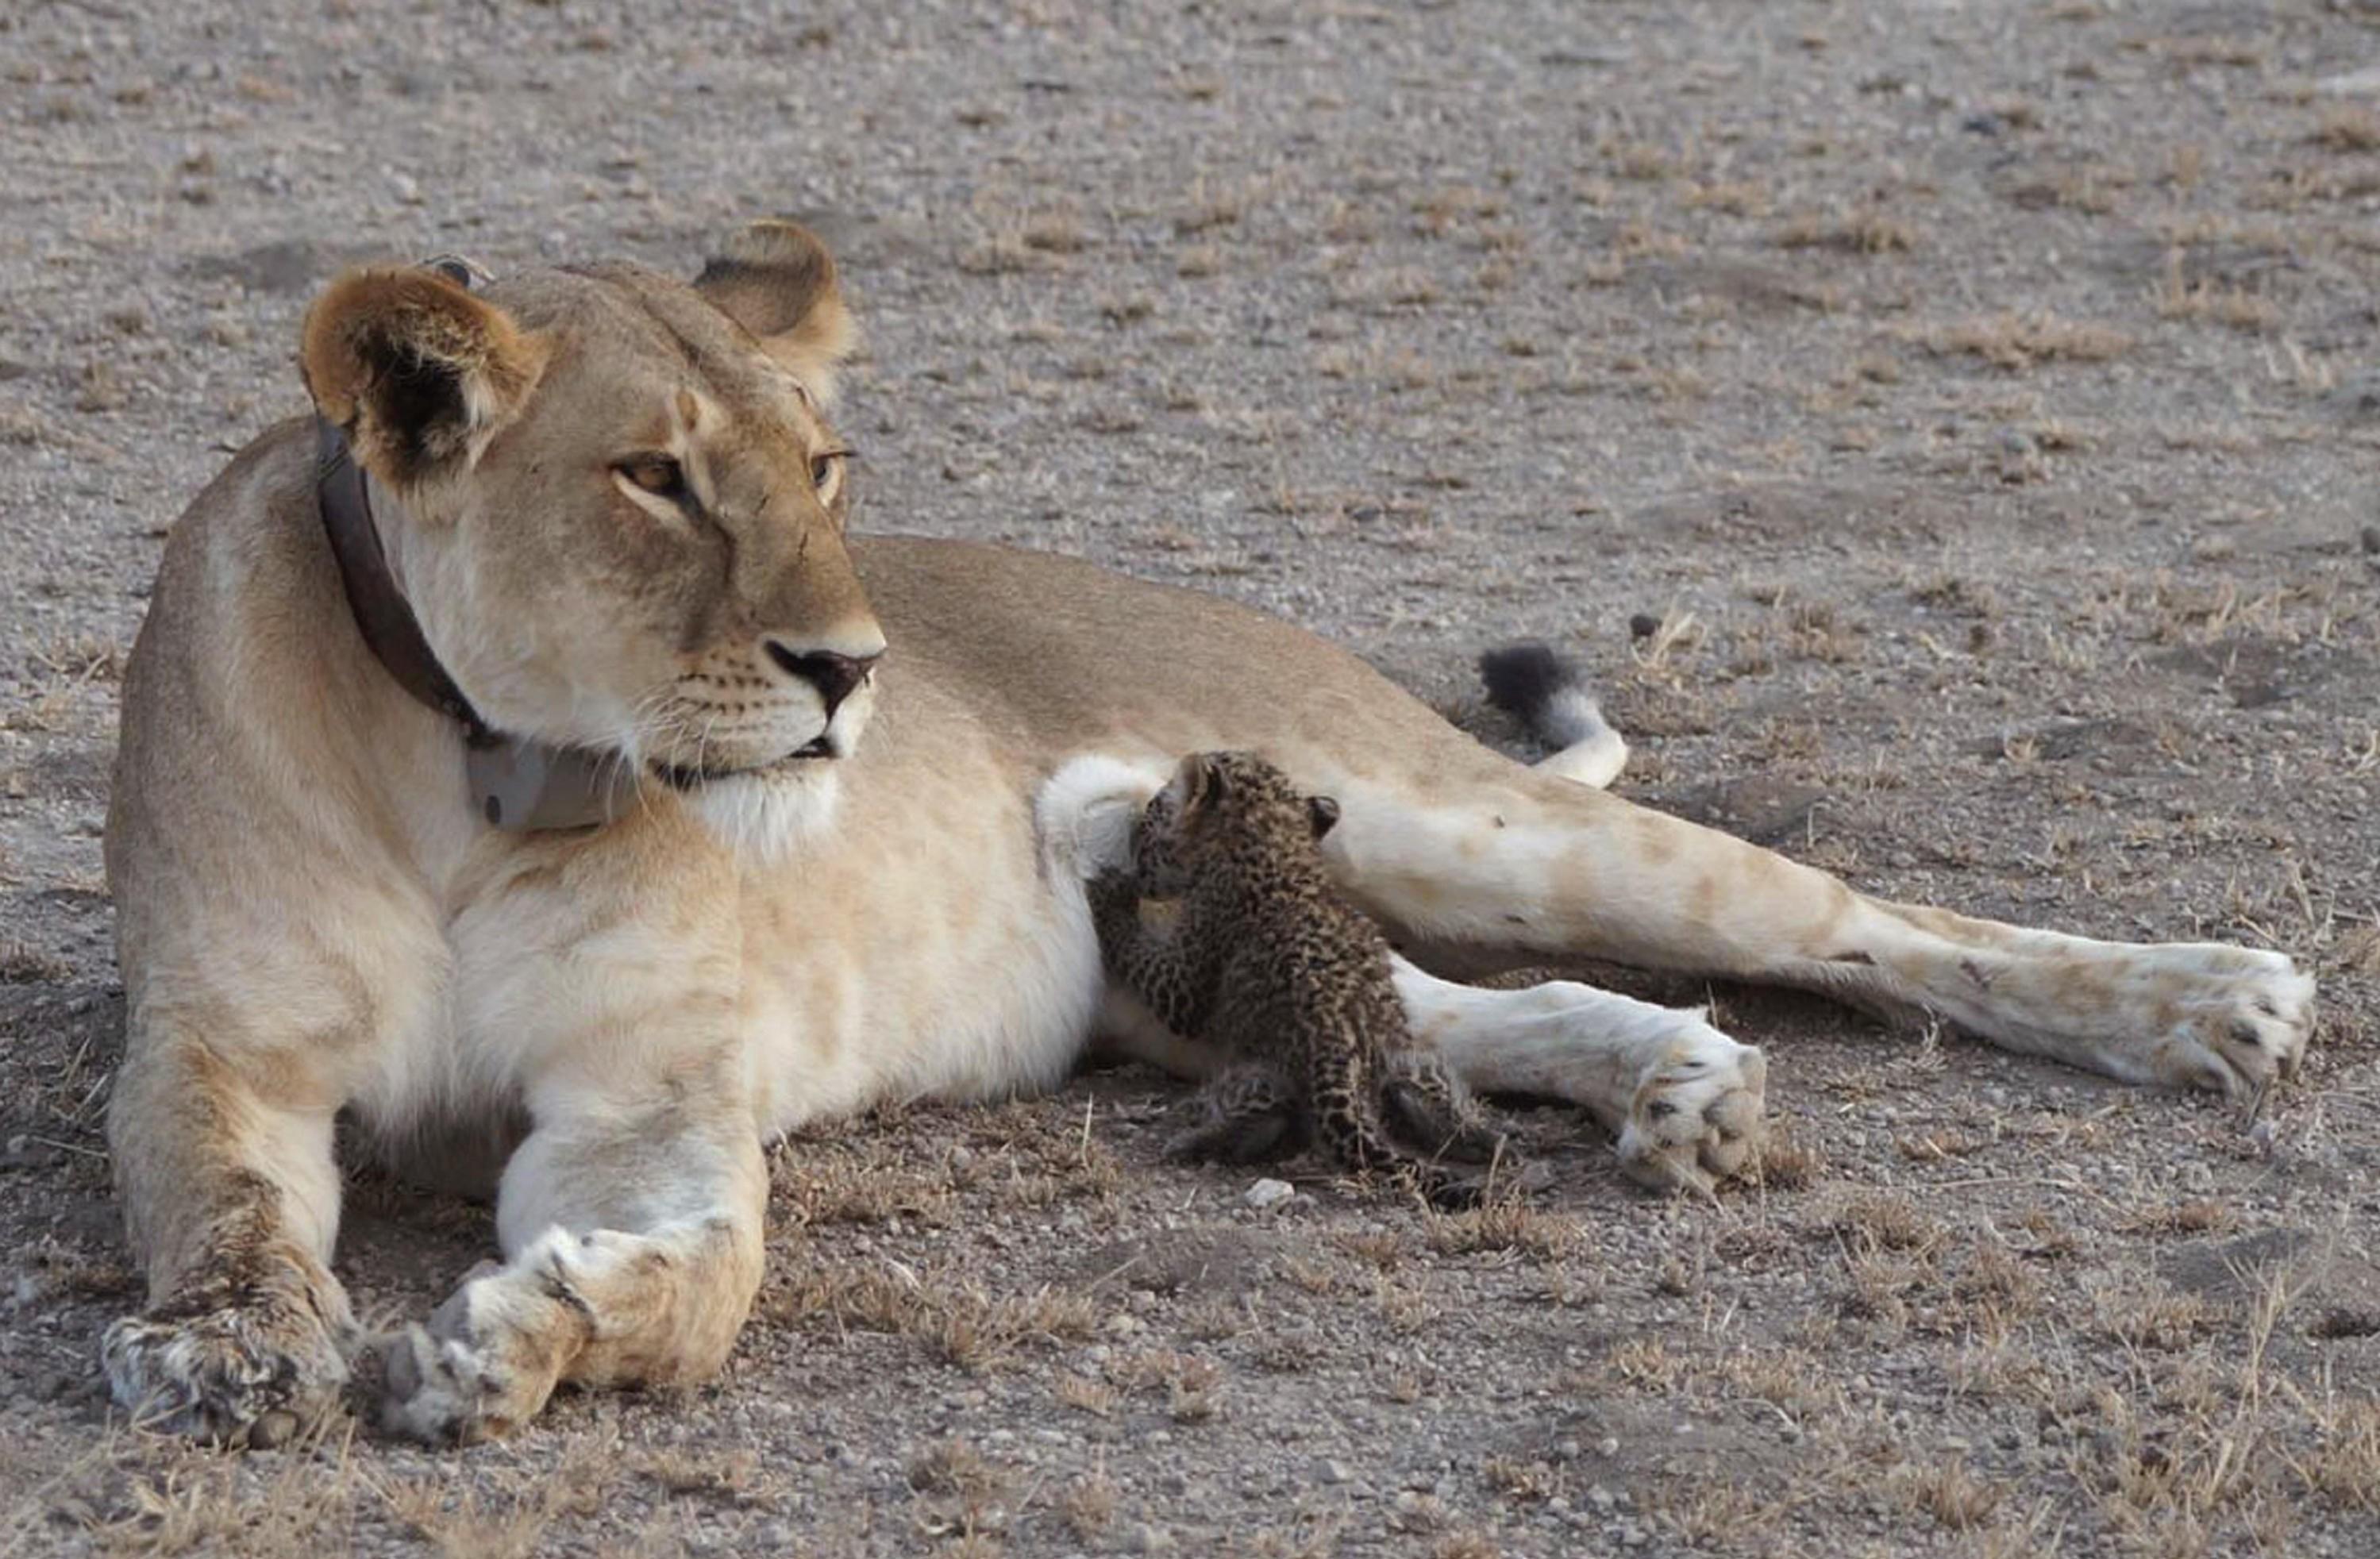 Hendelsen ble fotografert av en gjest ved naturreservatet Ngorongoro.